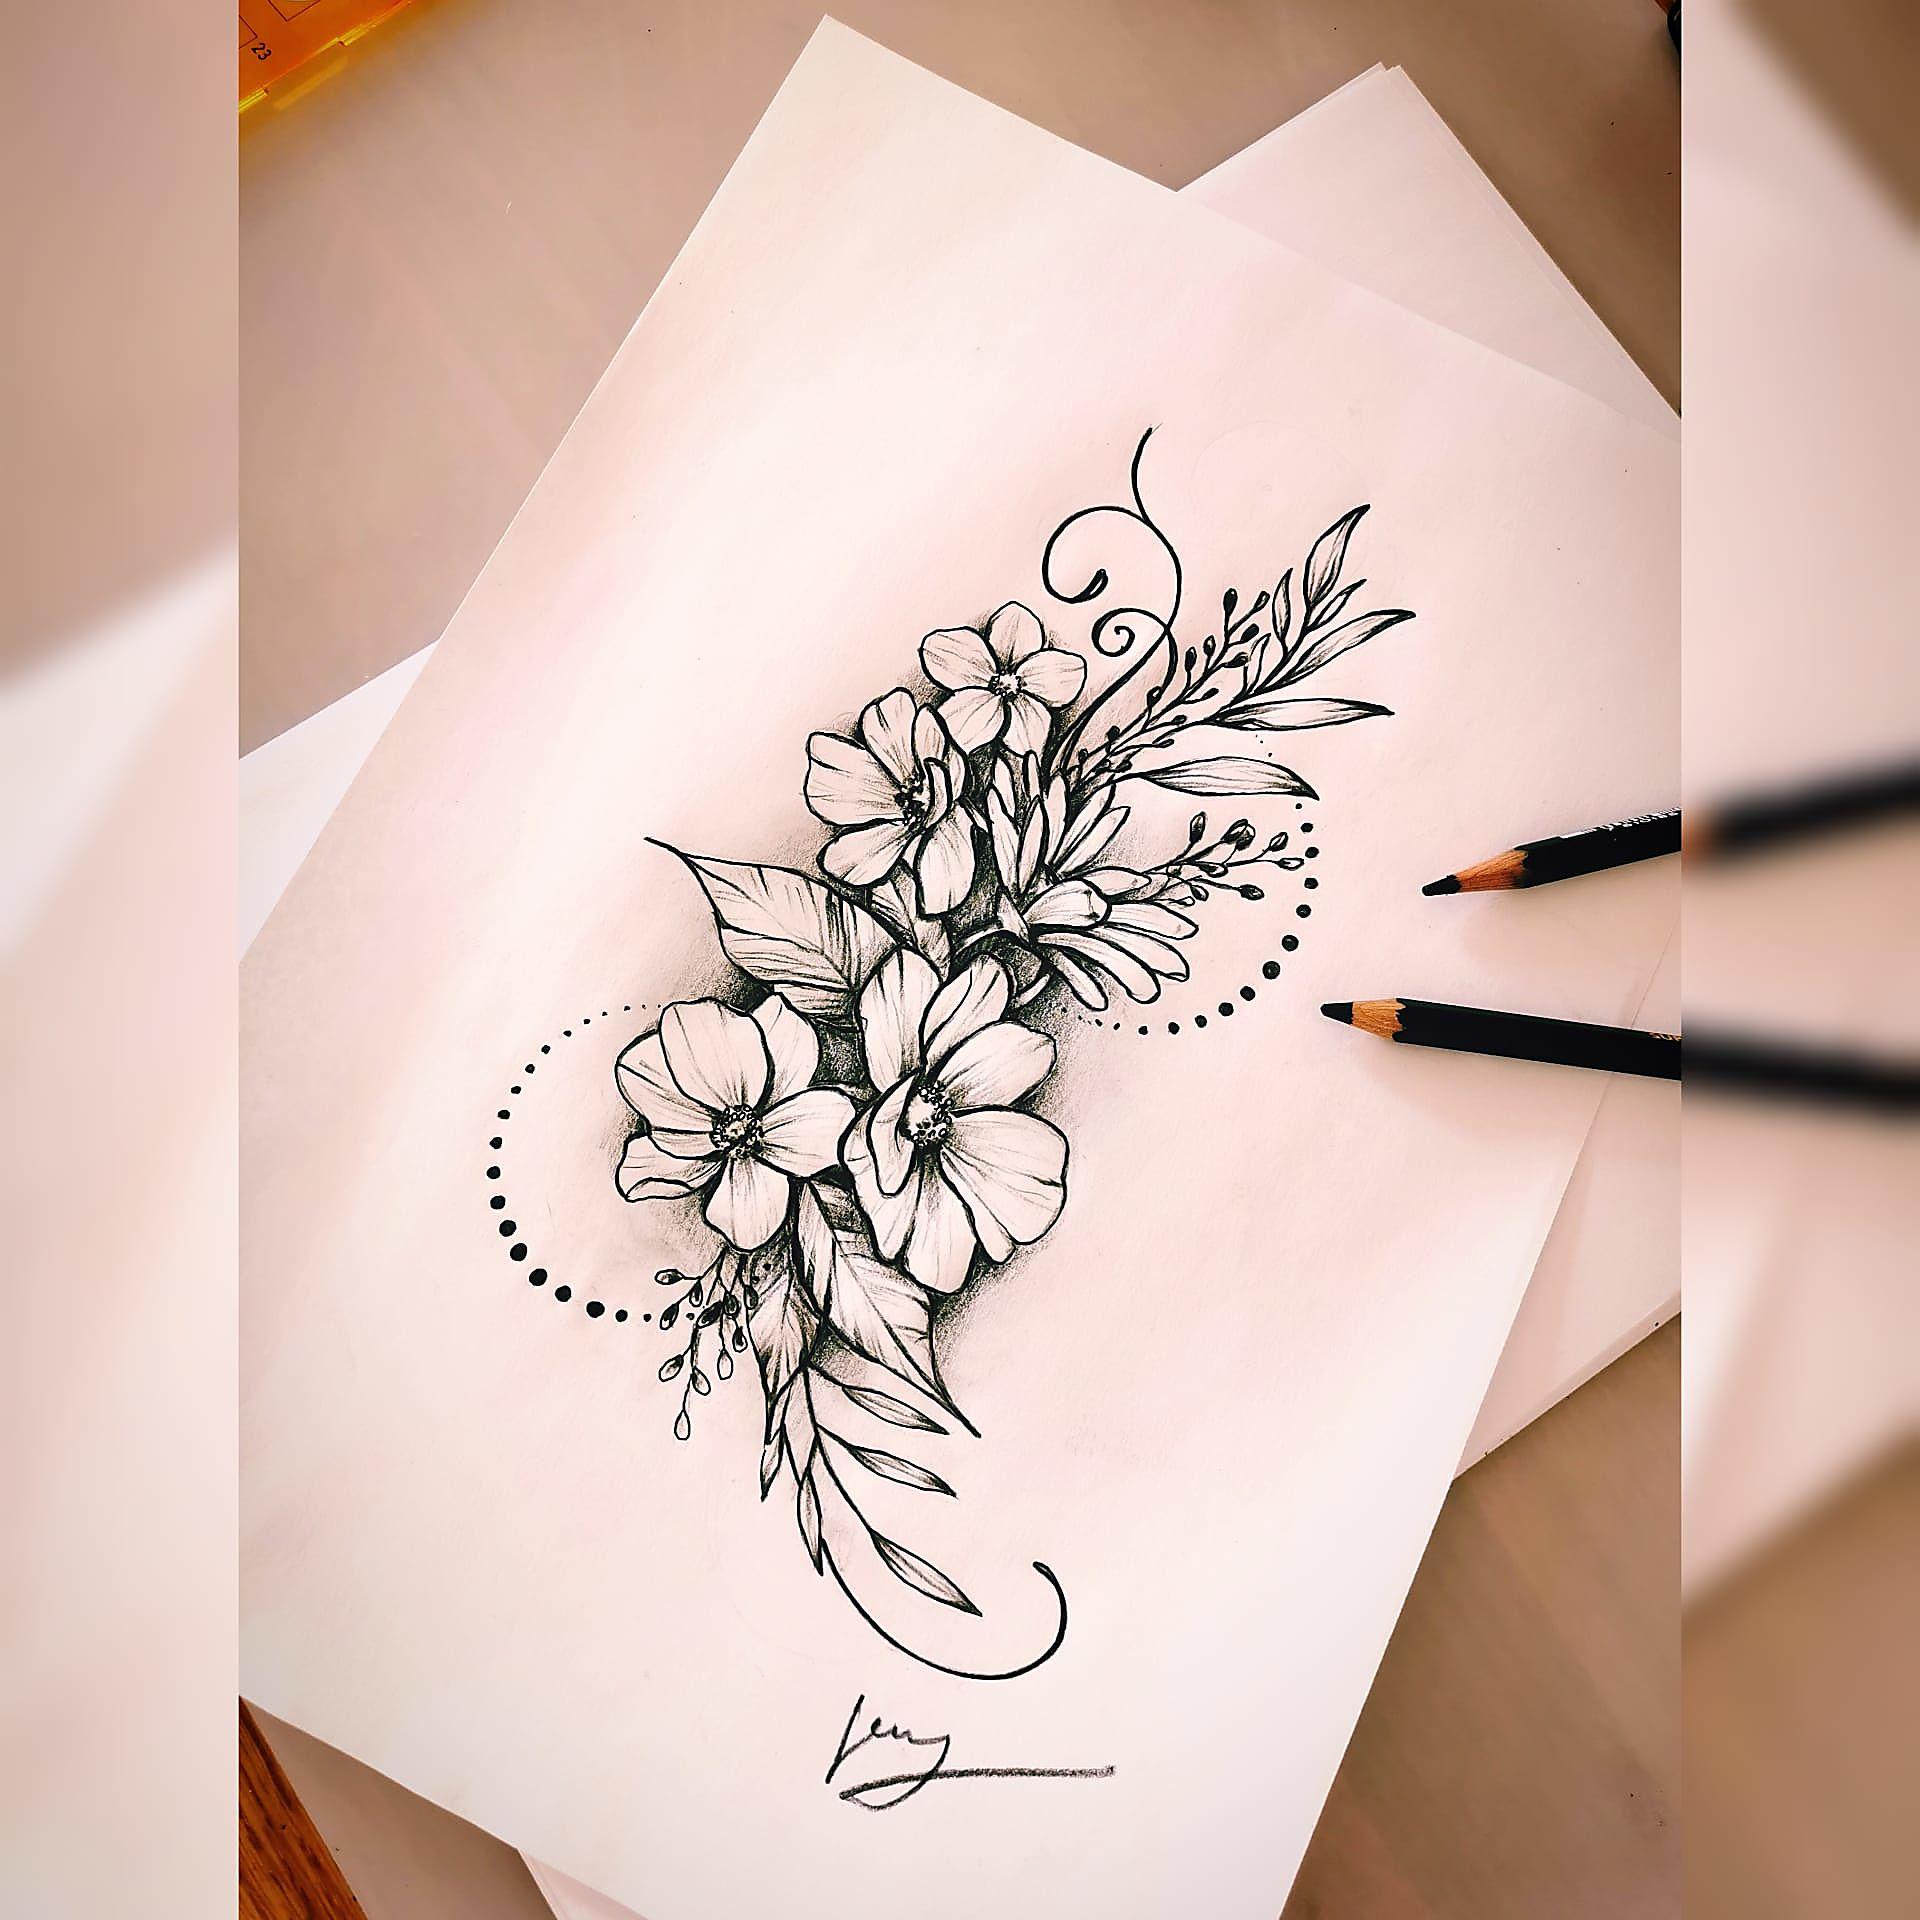 Ich bin fleissig für euch am zeichnen!